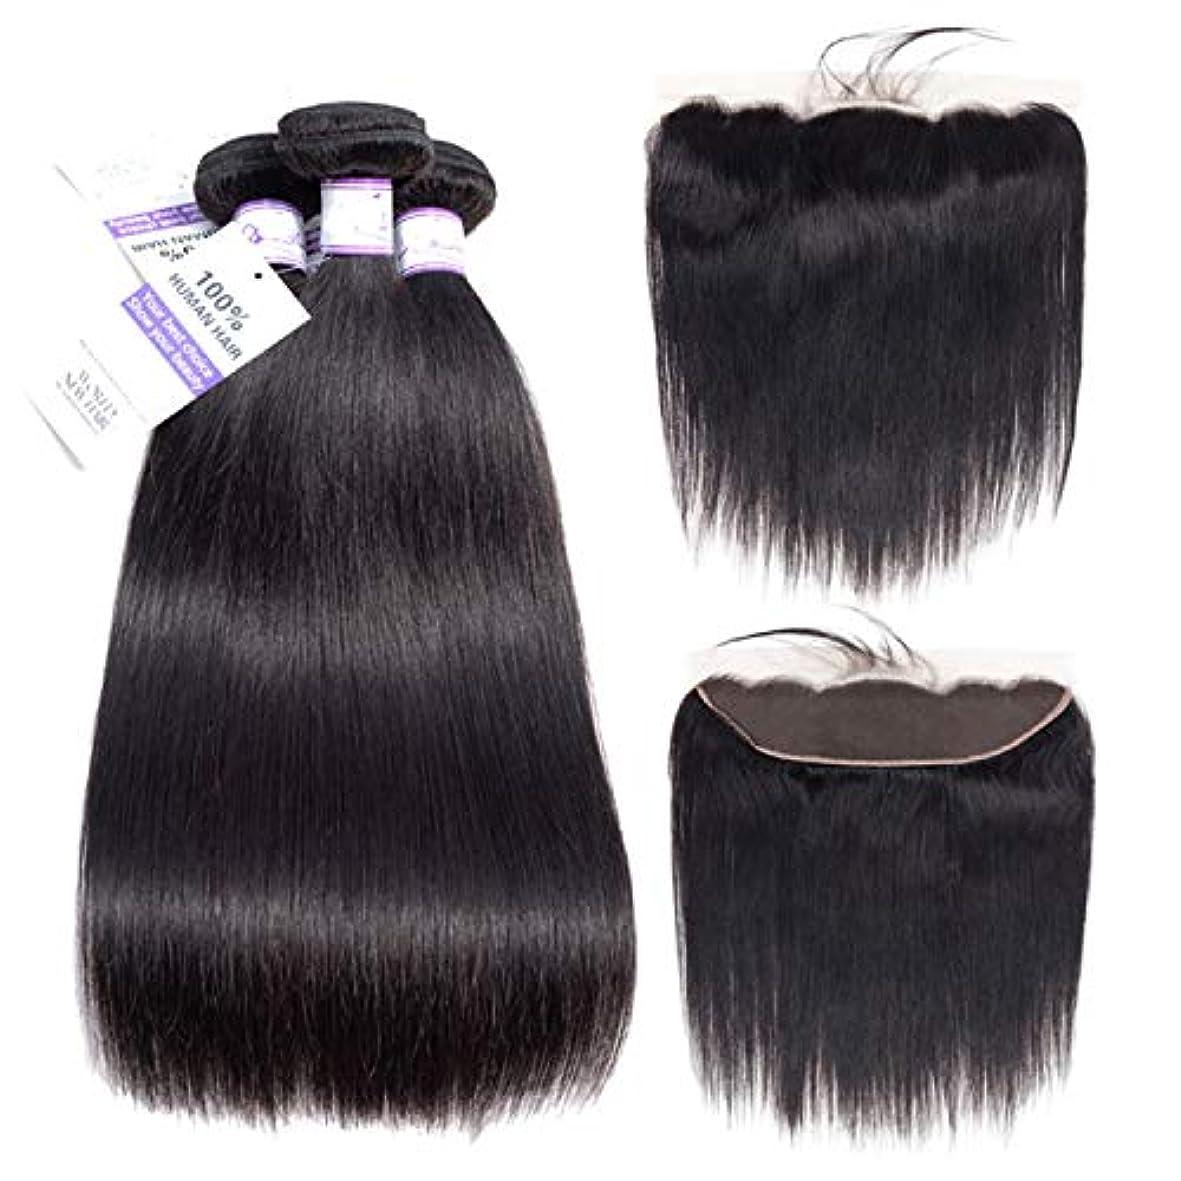 破壊するピケシャックルかつら ブラジルストレートヘア3バンドル付き13 * 4レース前頭閉鎖髪織りバンドルレミー人間の髪の毛の拡張子 (Length : 20 20 20 Cl18)